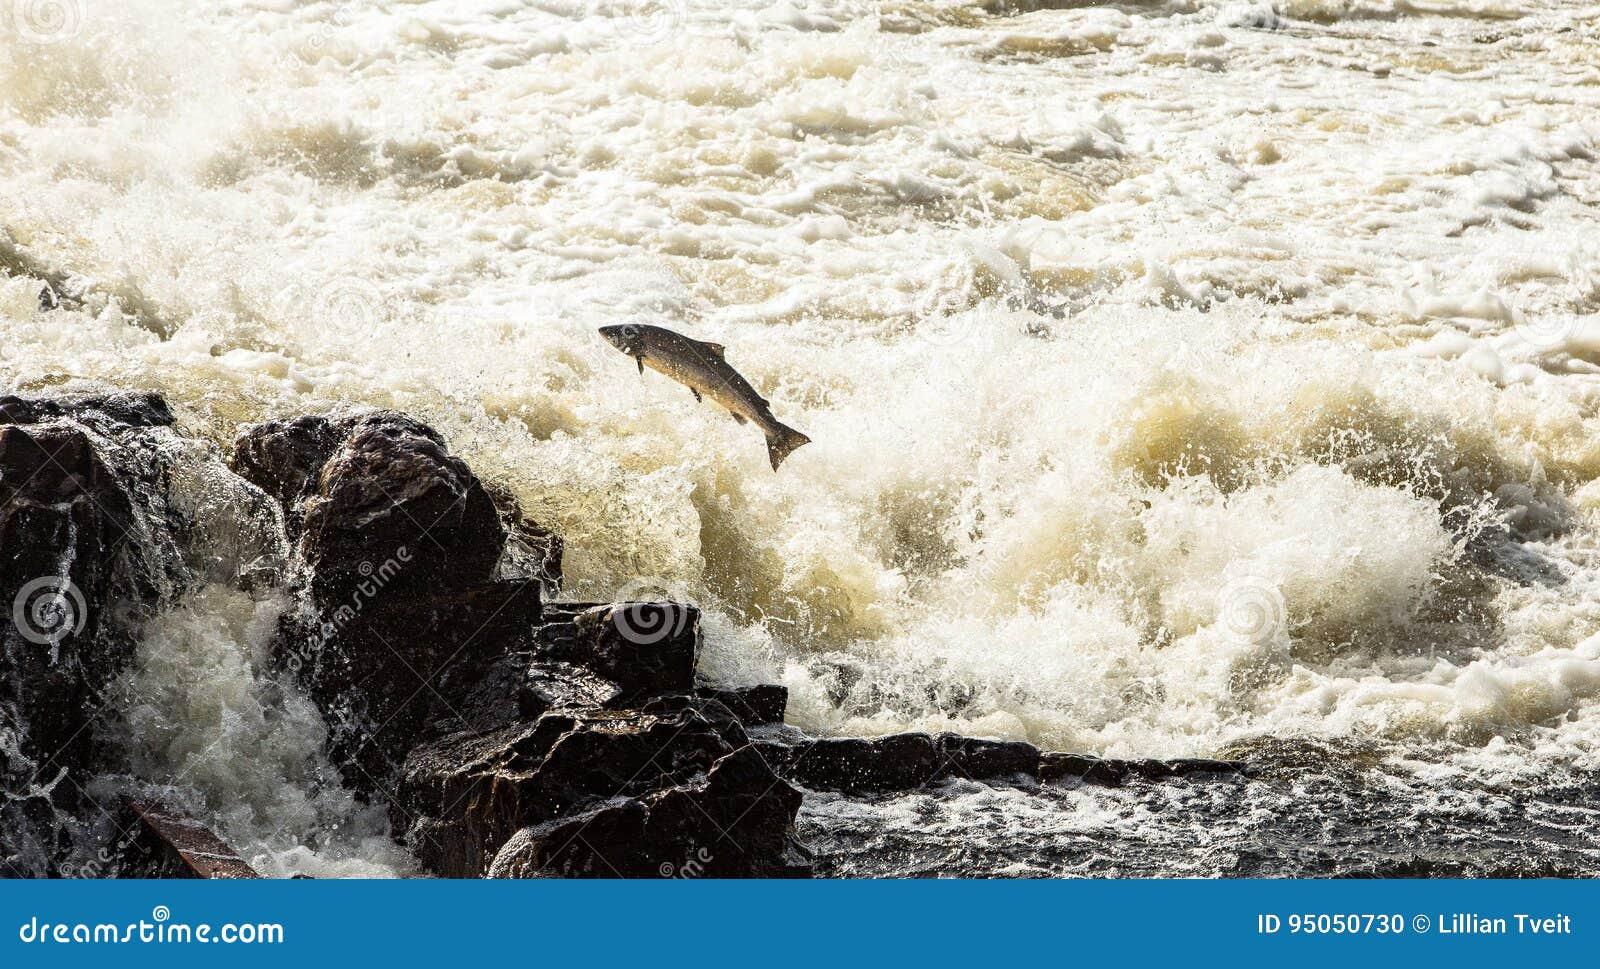 Saumons atlantiques, Salmo Salar, sautant en cascades turbulentes dans Kristiansand, la Norvège